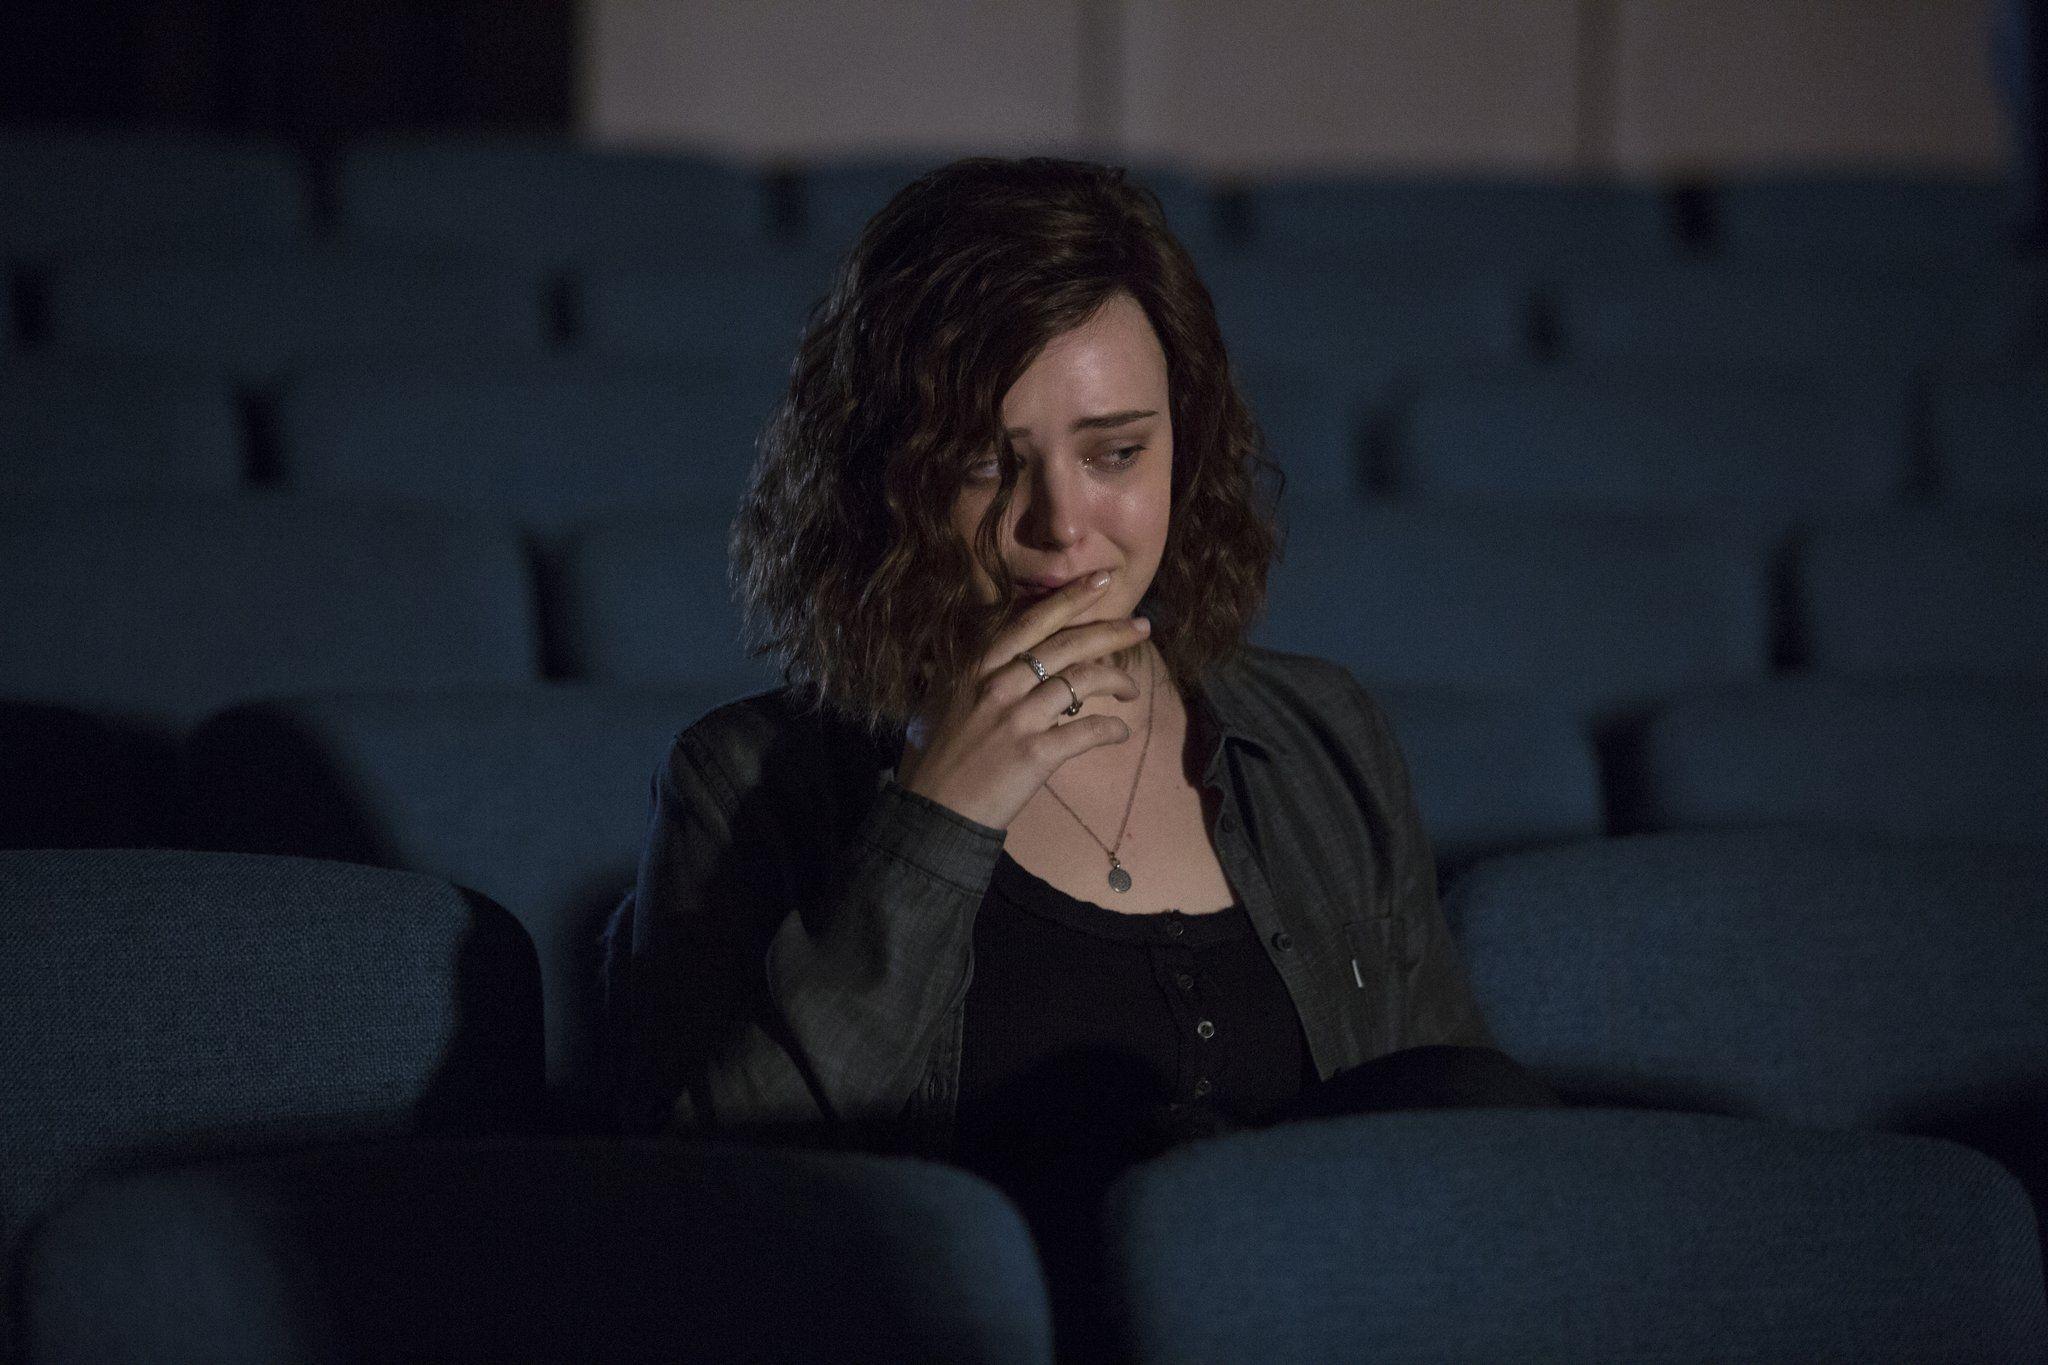 Aumentaron las búsquedas sobre suicidio tras la emisión de 13 Reasons Why